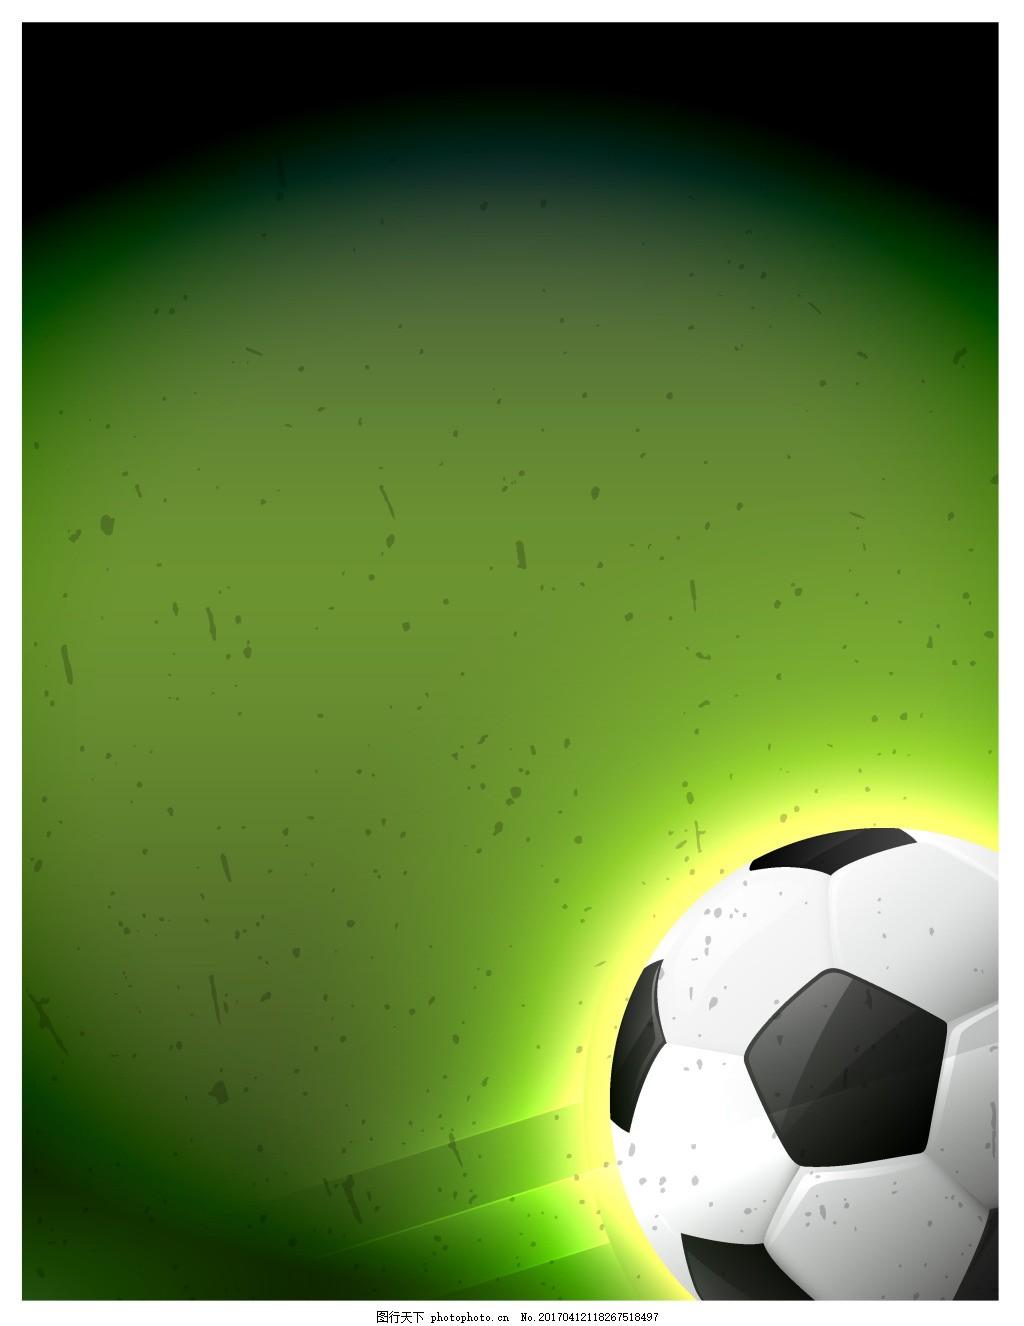 手绘足球绿底背景